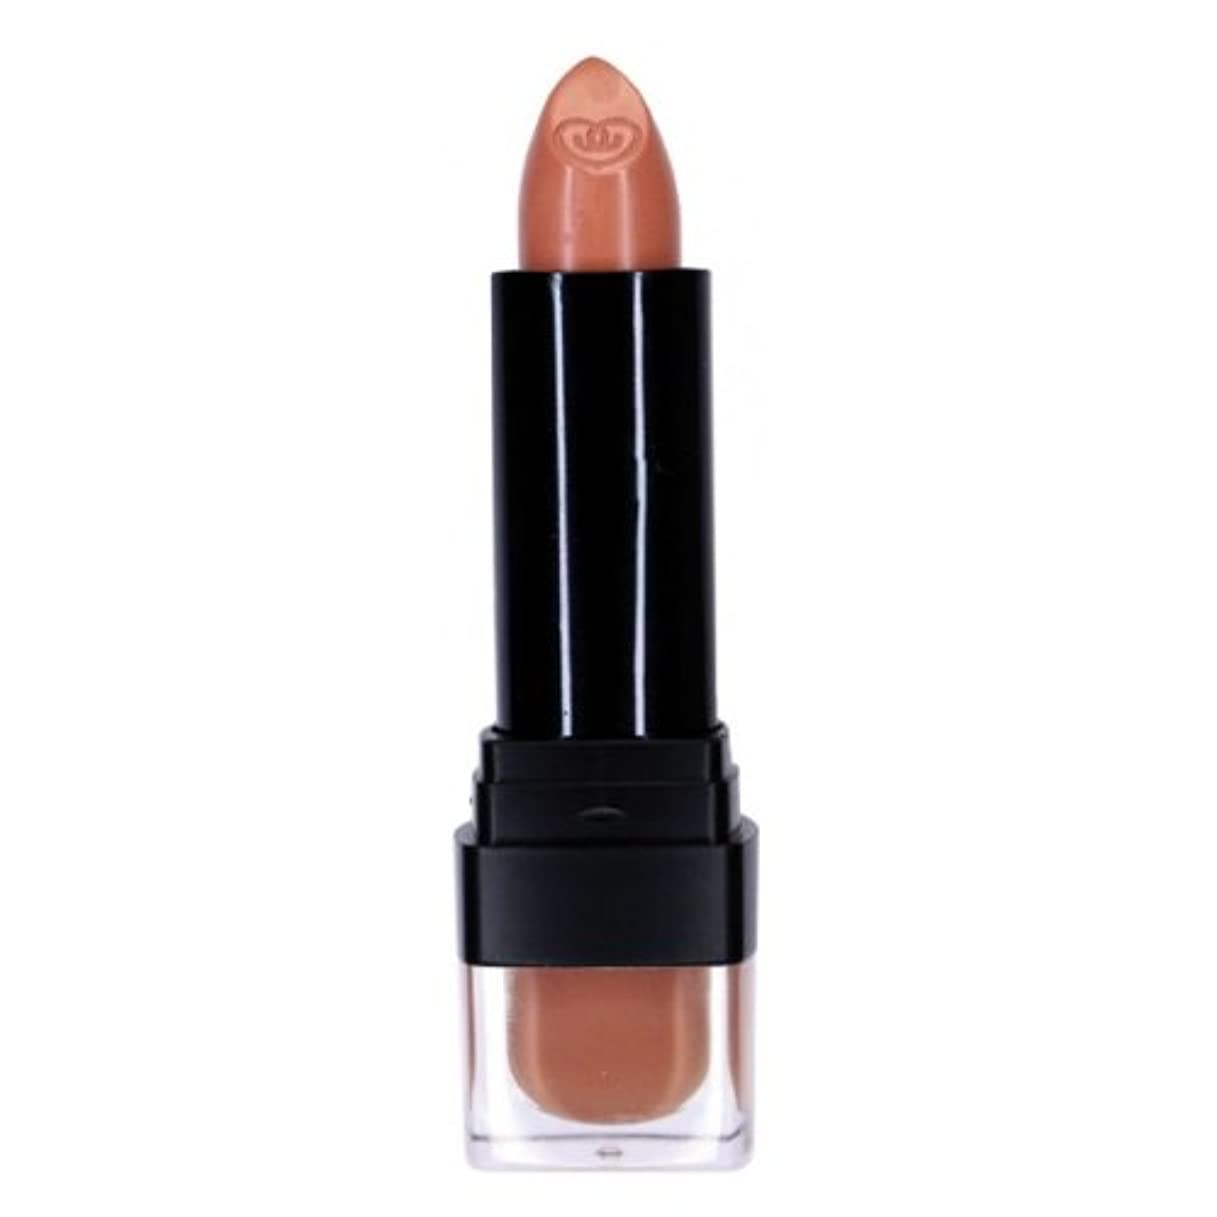 ハウジング女の子ジャンルCITY COLOR City Chick Lipstick - Bare With Me (並行輸入品)